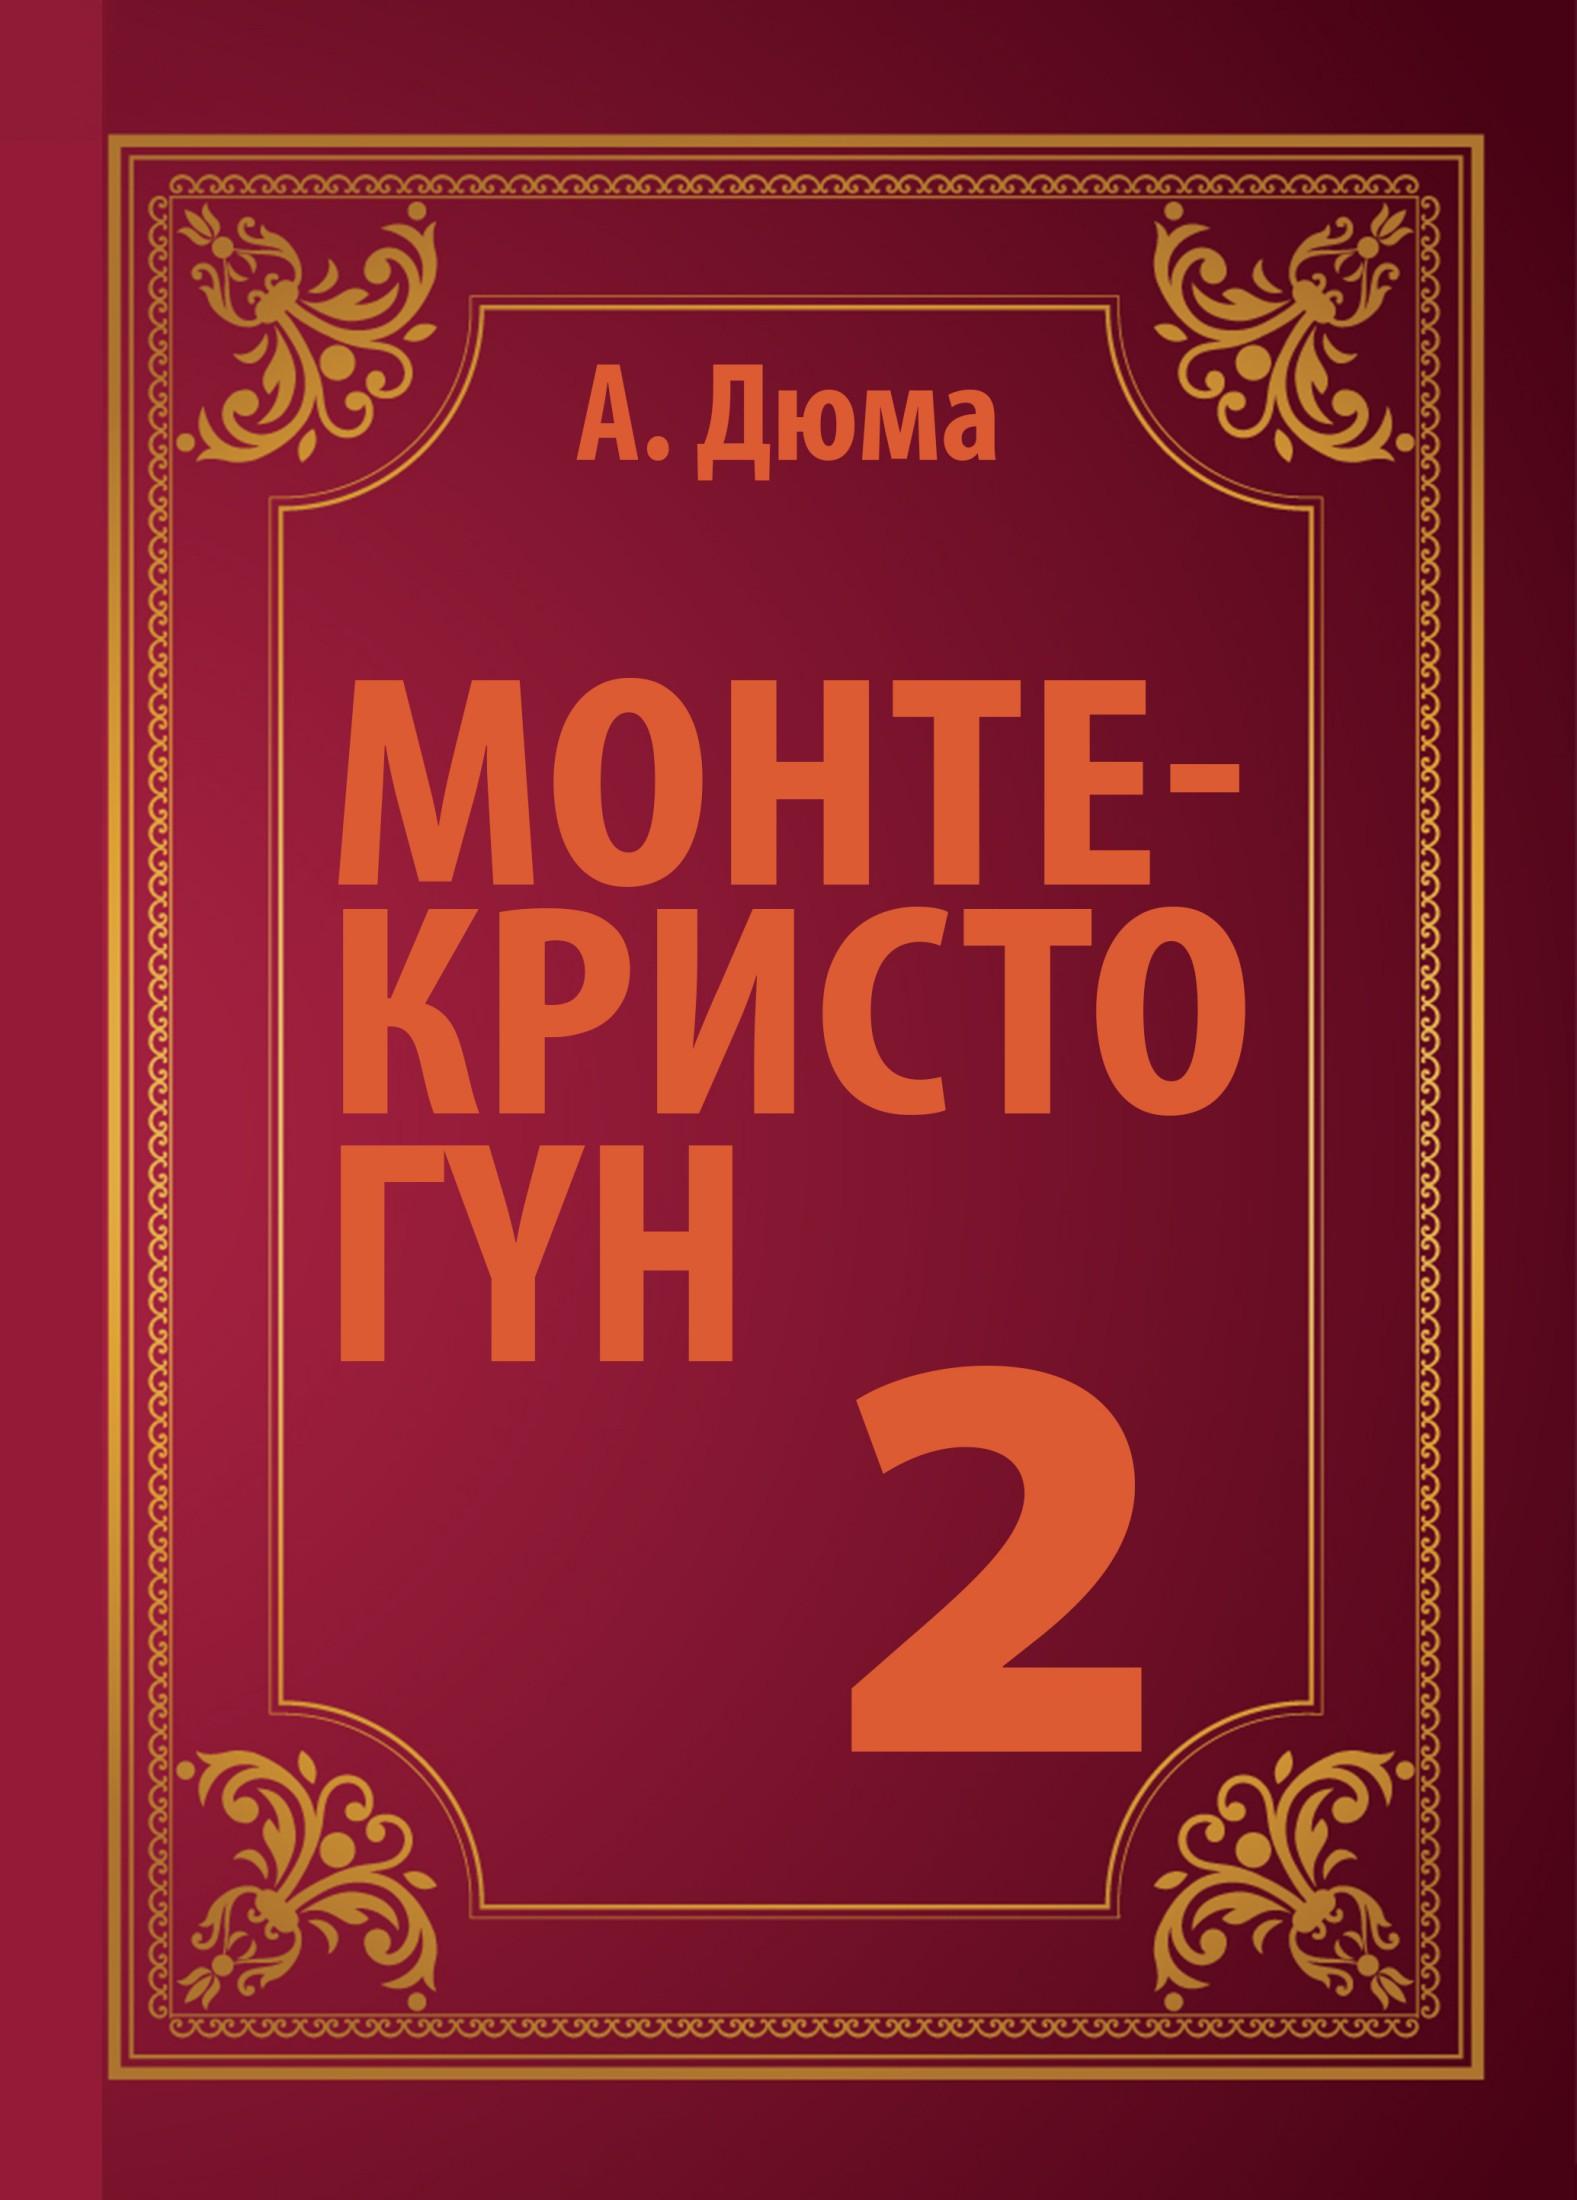 МОНТЕ-КРИСТО ГҮН 2